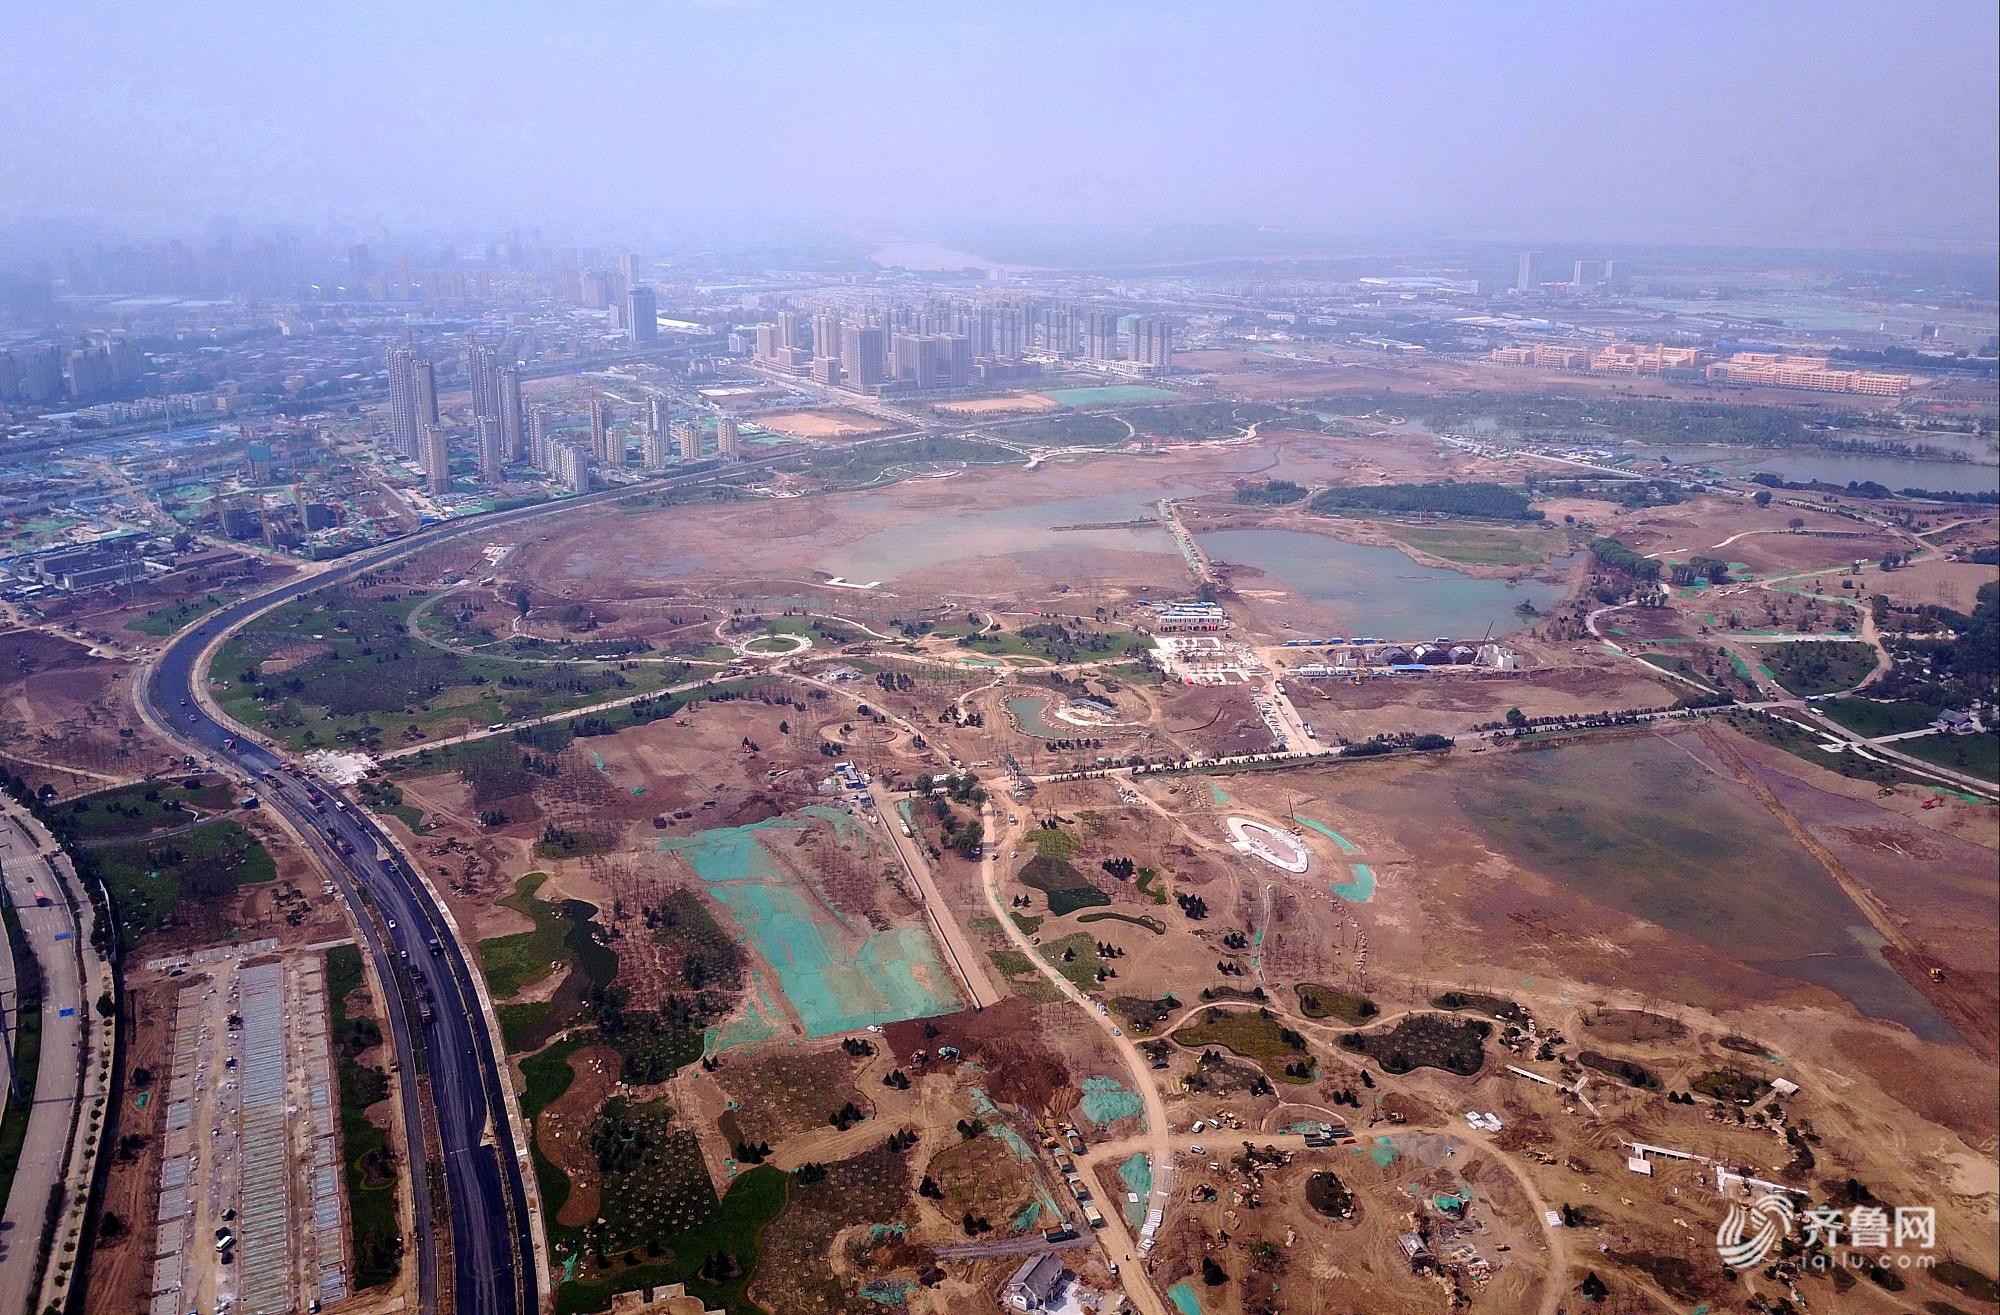 济南开挖上千亩华山湖 将再现历史名画《鹊华秋色图》胜景